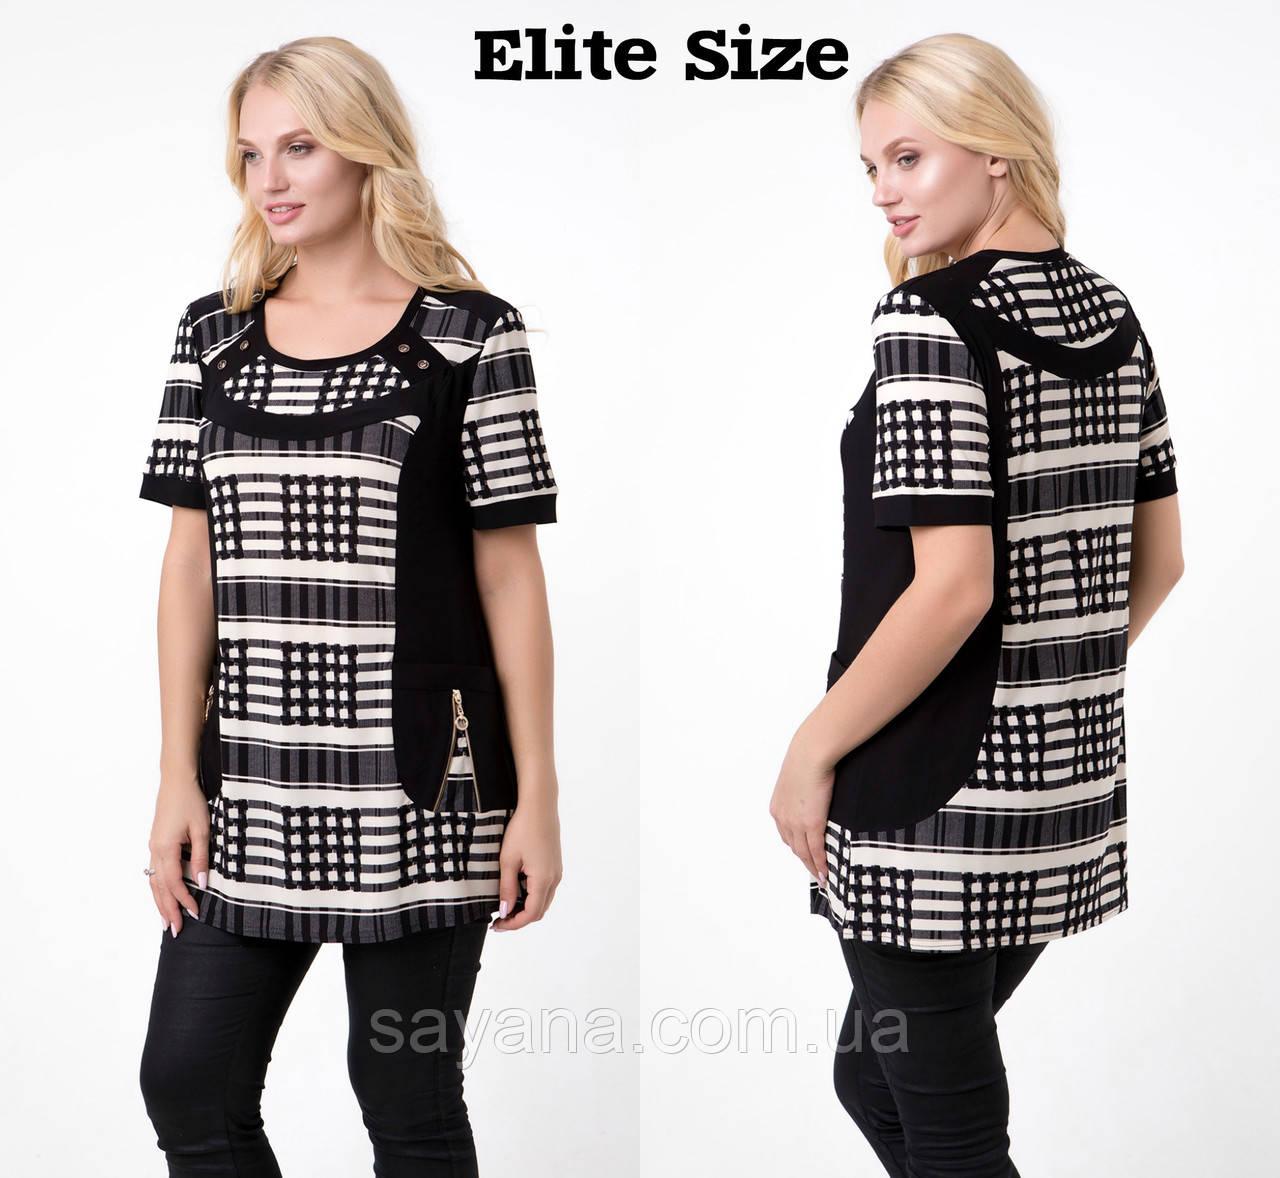 Женская блуза с декором в моделях, р-р 54-64. НО-13-0519